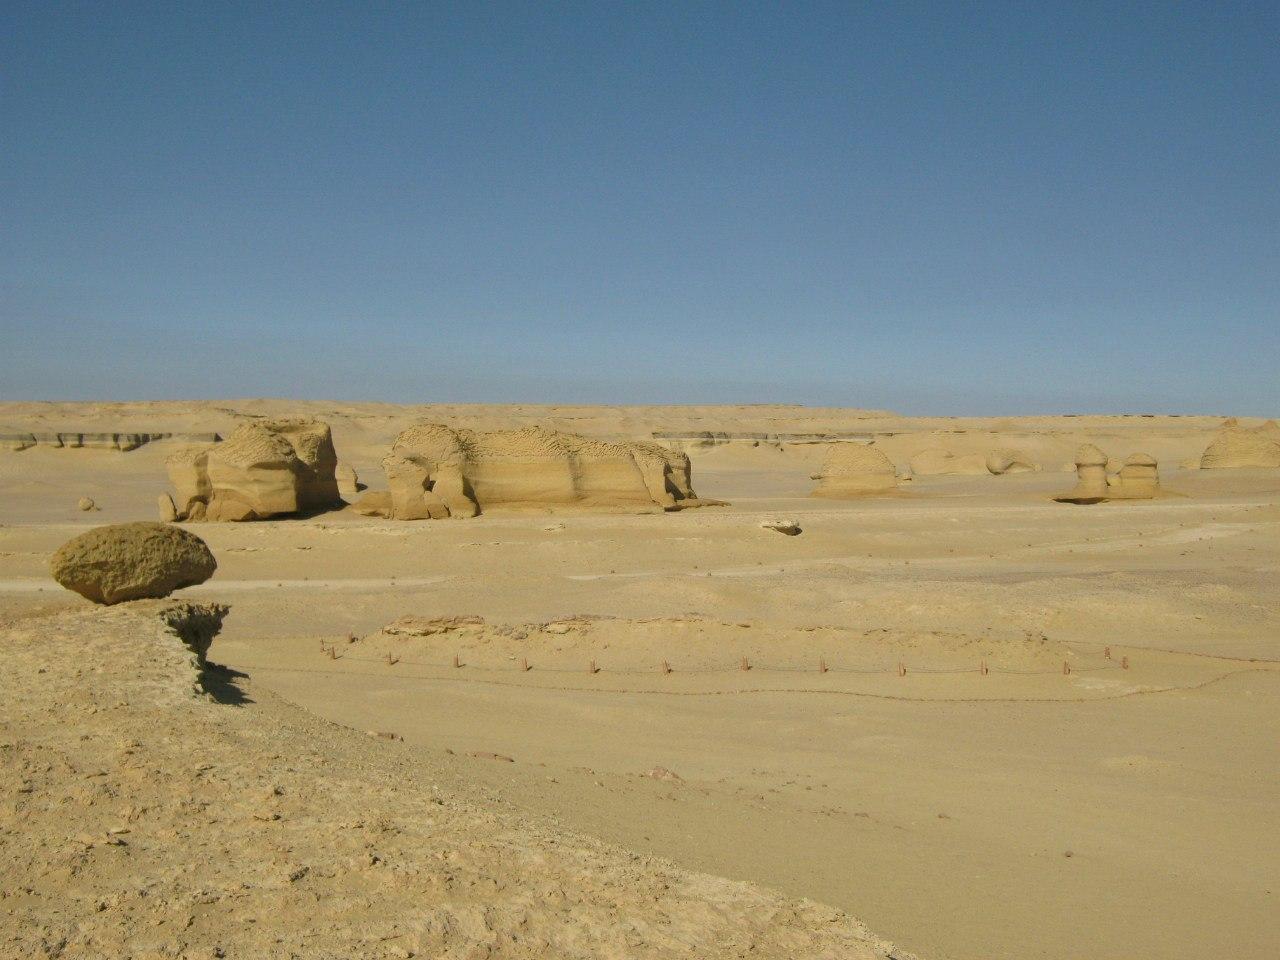 из Долины китов к югу от Каира